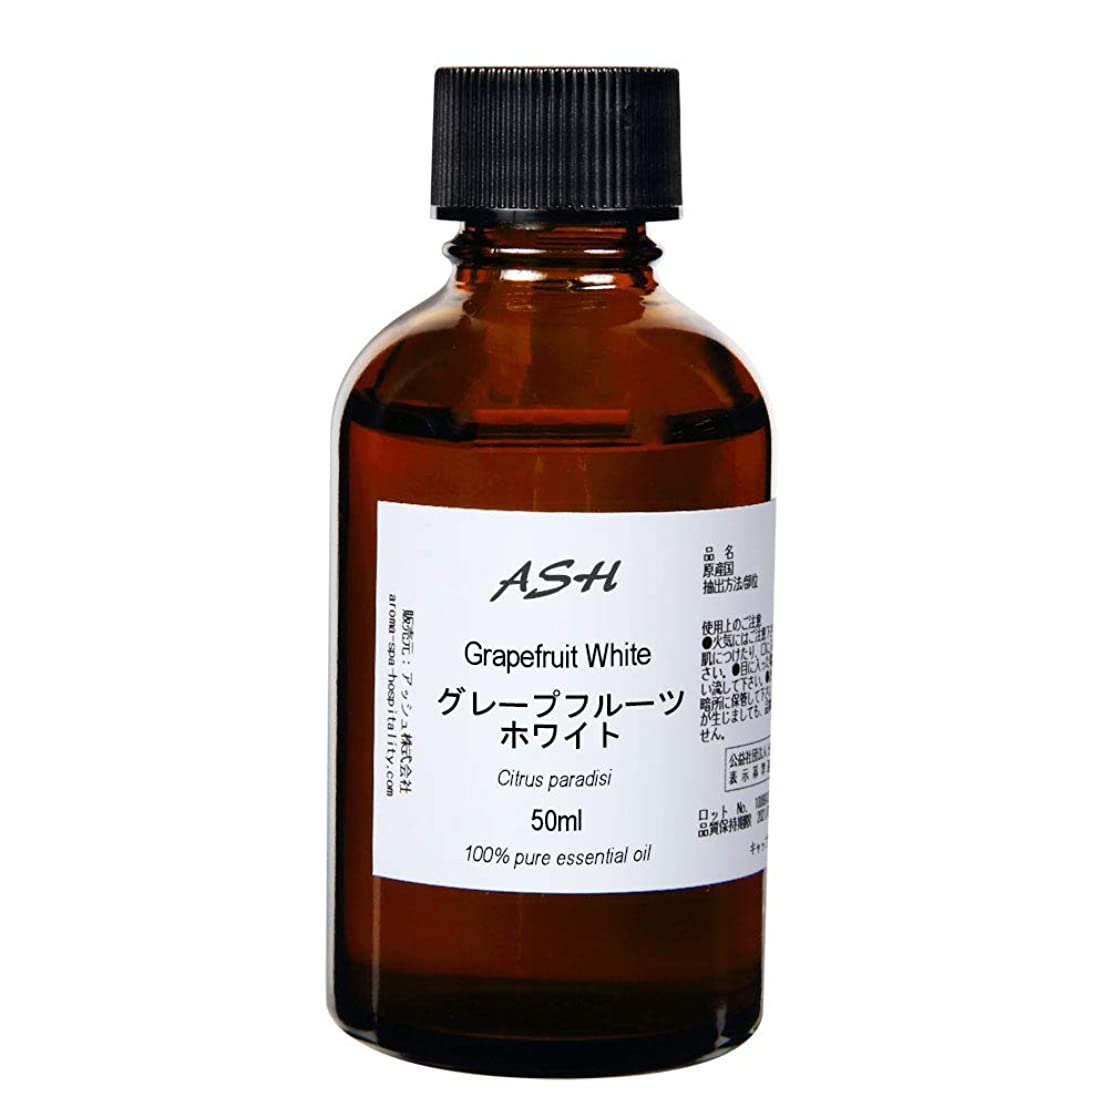 衛星顔料なだめるASH グレープフルーツホワイト エッセンシャルオイル 50ml AEAJ表示基準適合認定精油